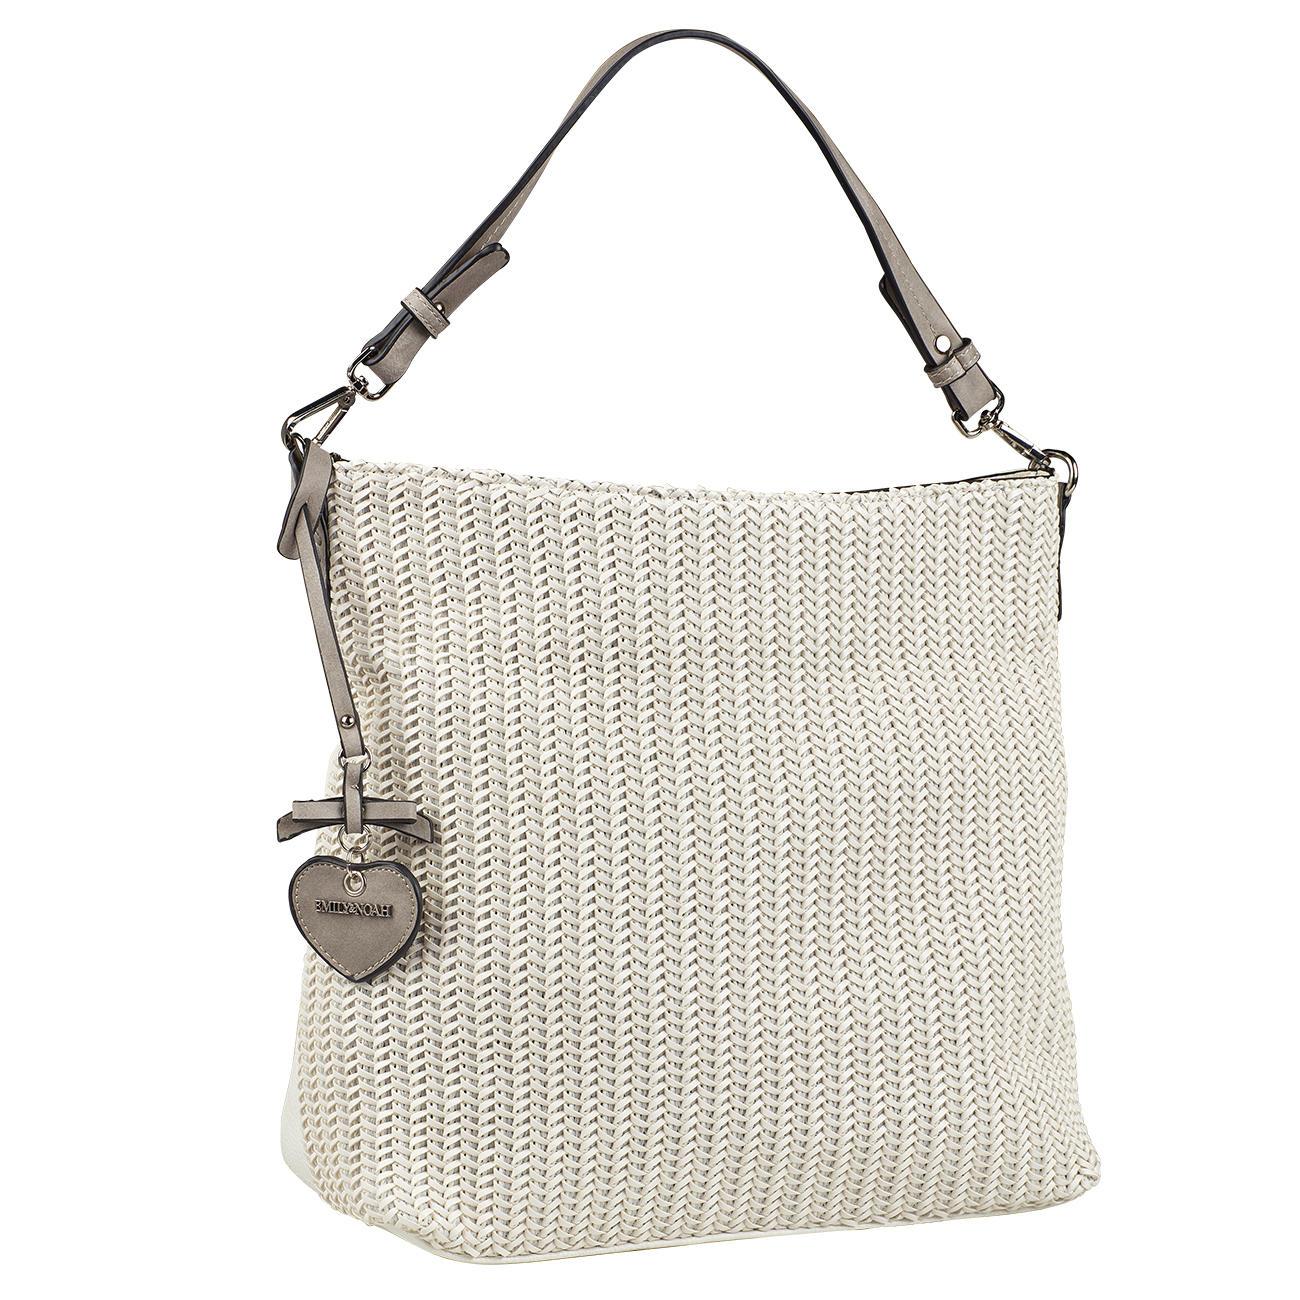 2e10c163e83 Emily & Noah gevlochten shopper - Trendy witte gevlochten tas in  shoppermodel, voor een verrassend